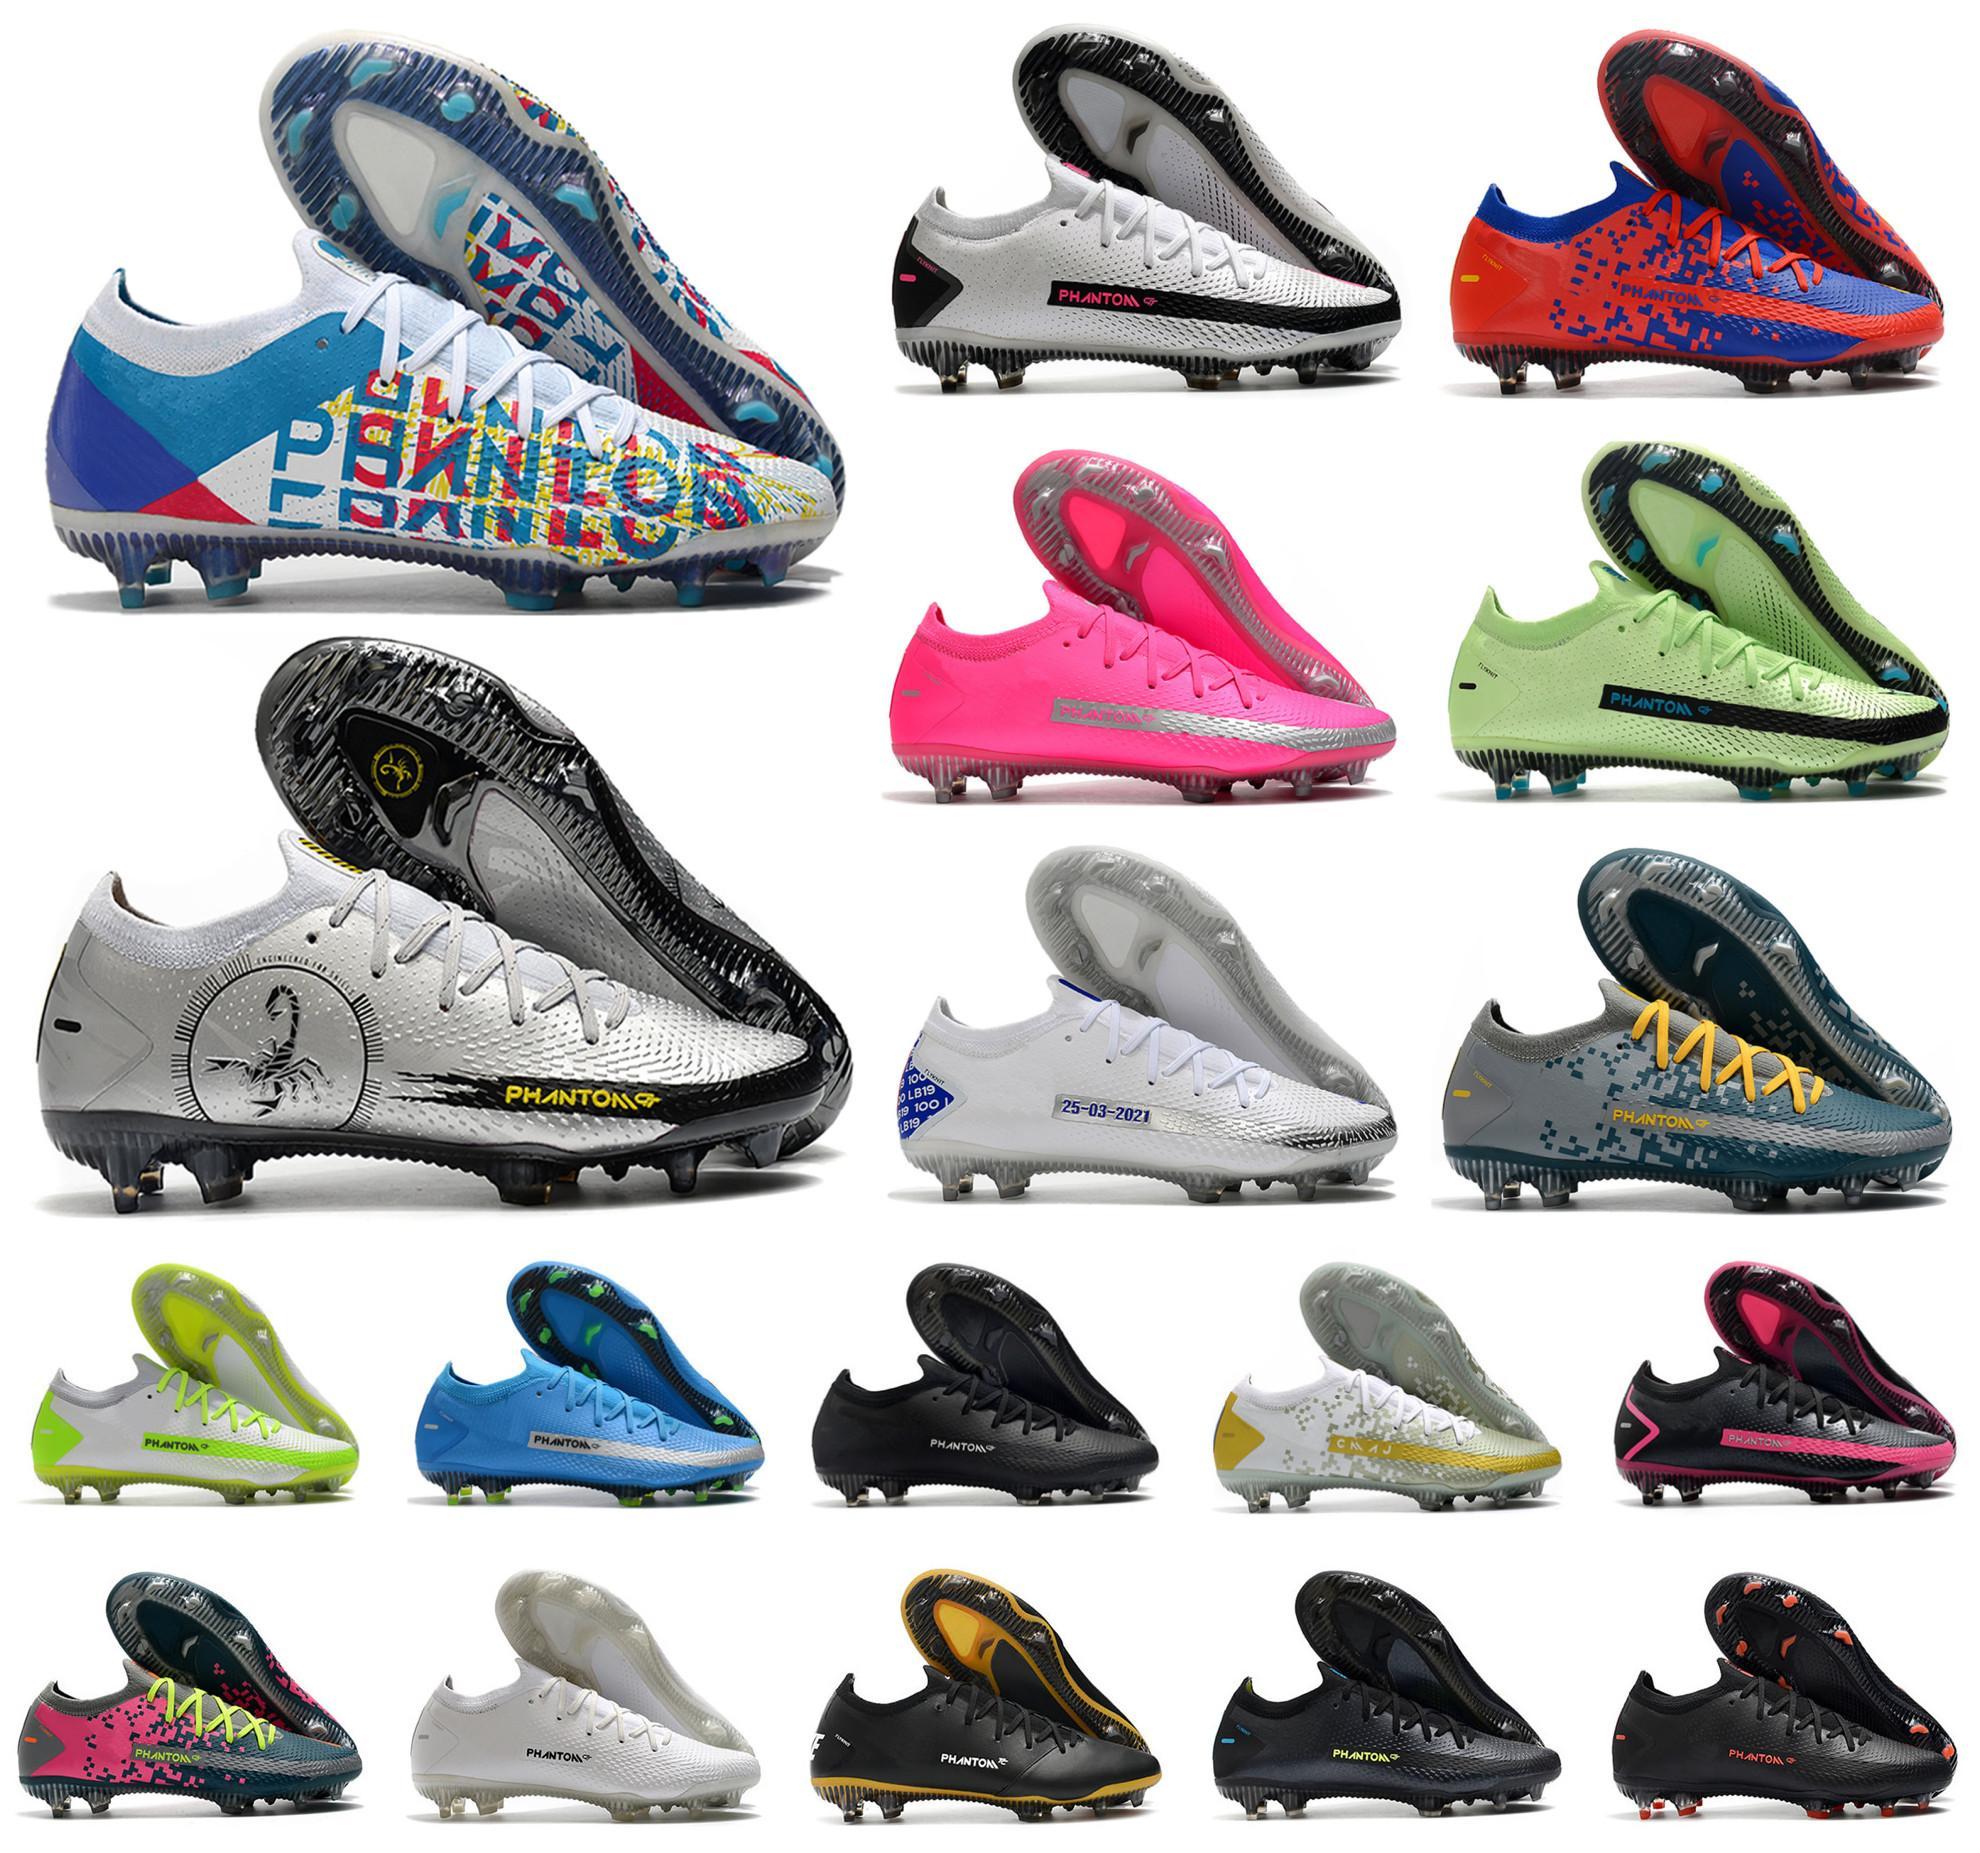 2021 أحذية رجالي كرة قدم فانتوم جي تي النخبة 3d fg بنين كرة القدم الأحذية المرابط حجم 39-45